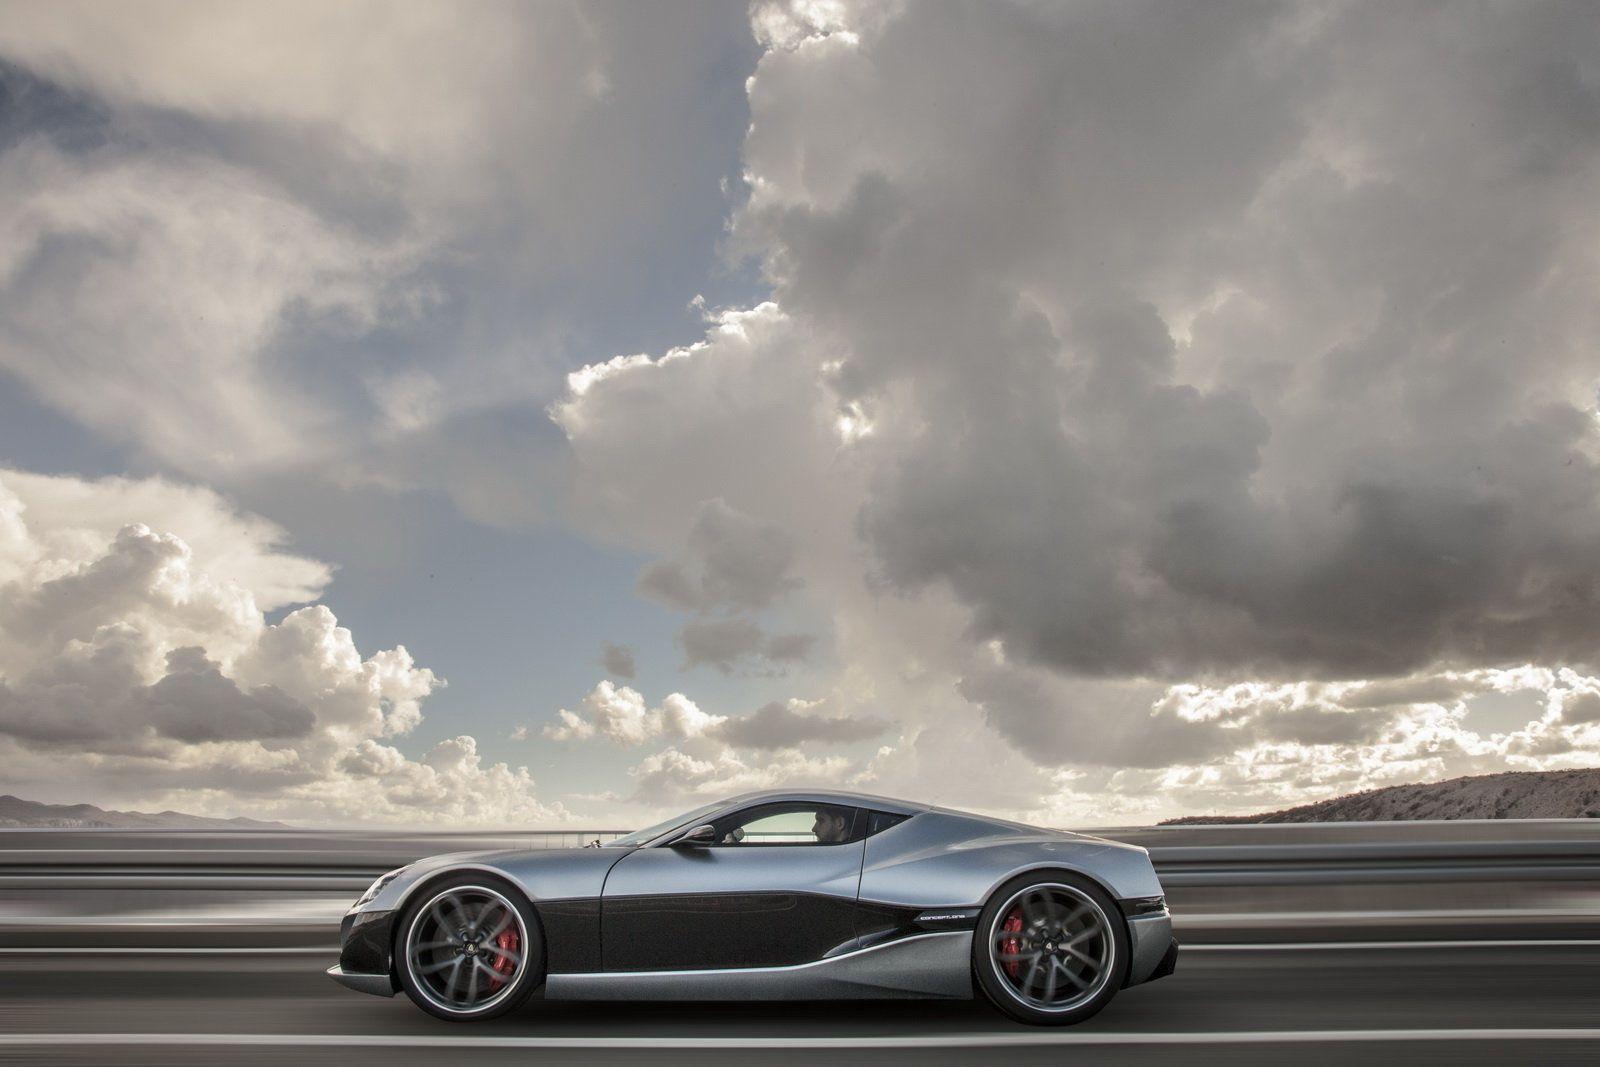 Foto - Rimac Concept One: la sportiva elettrica da 1000 CV